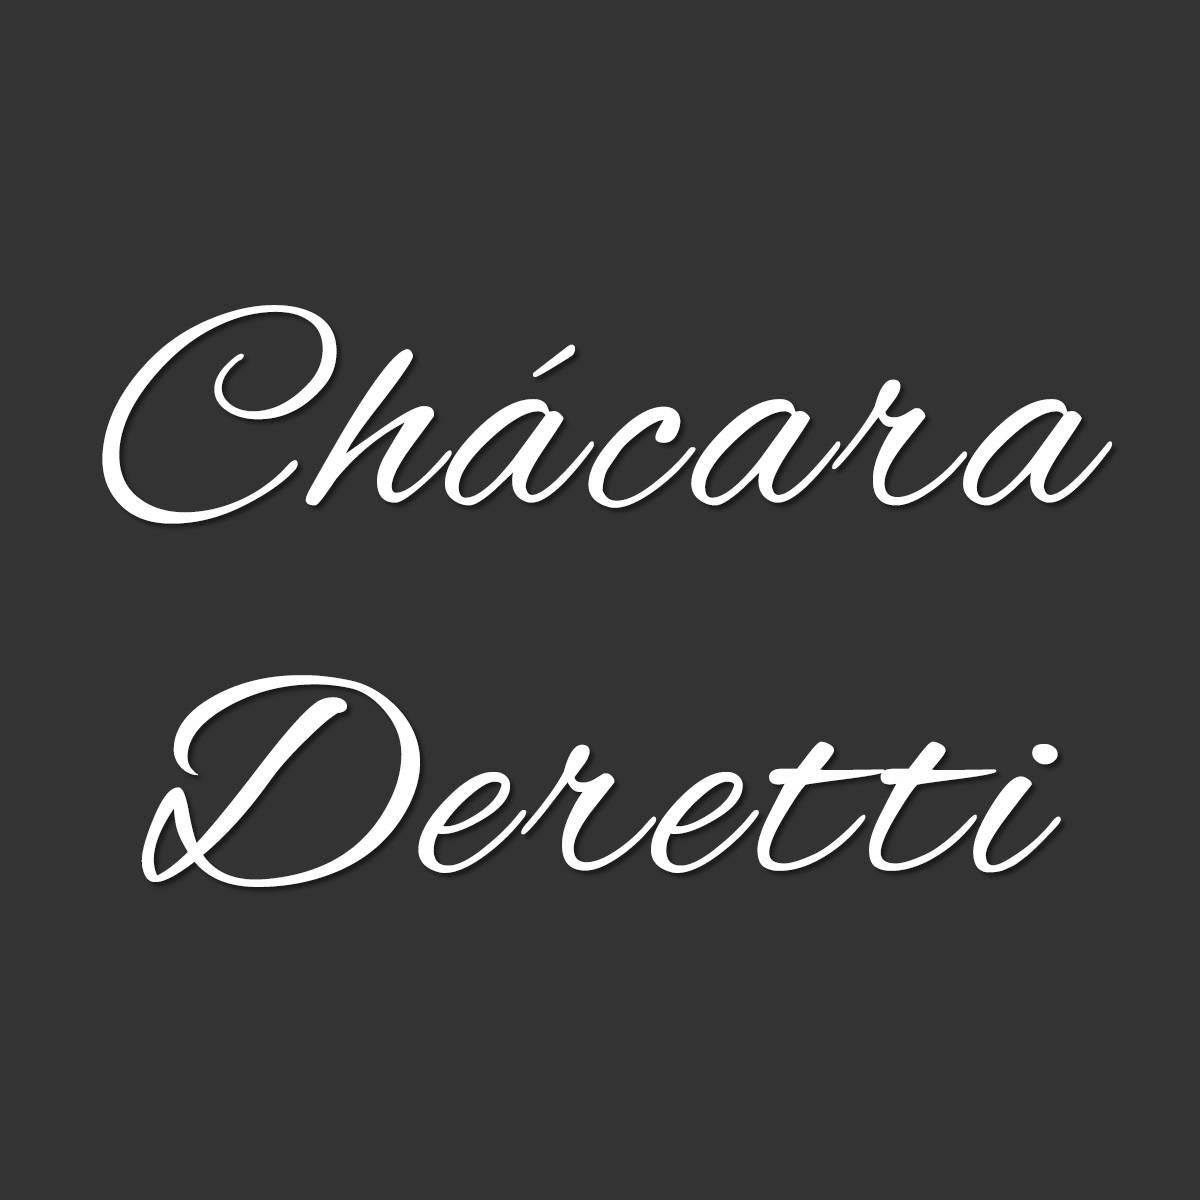 Chácara Deretti